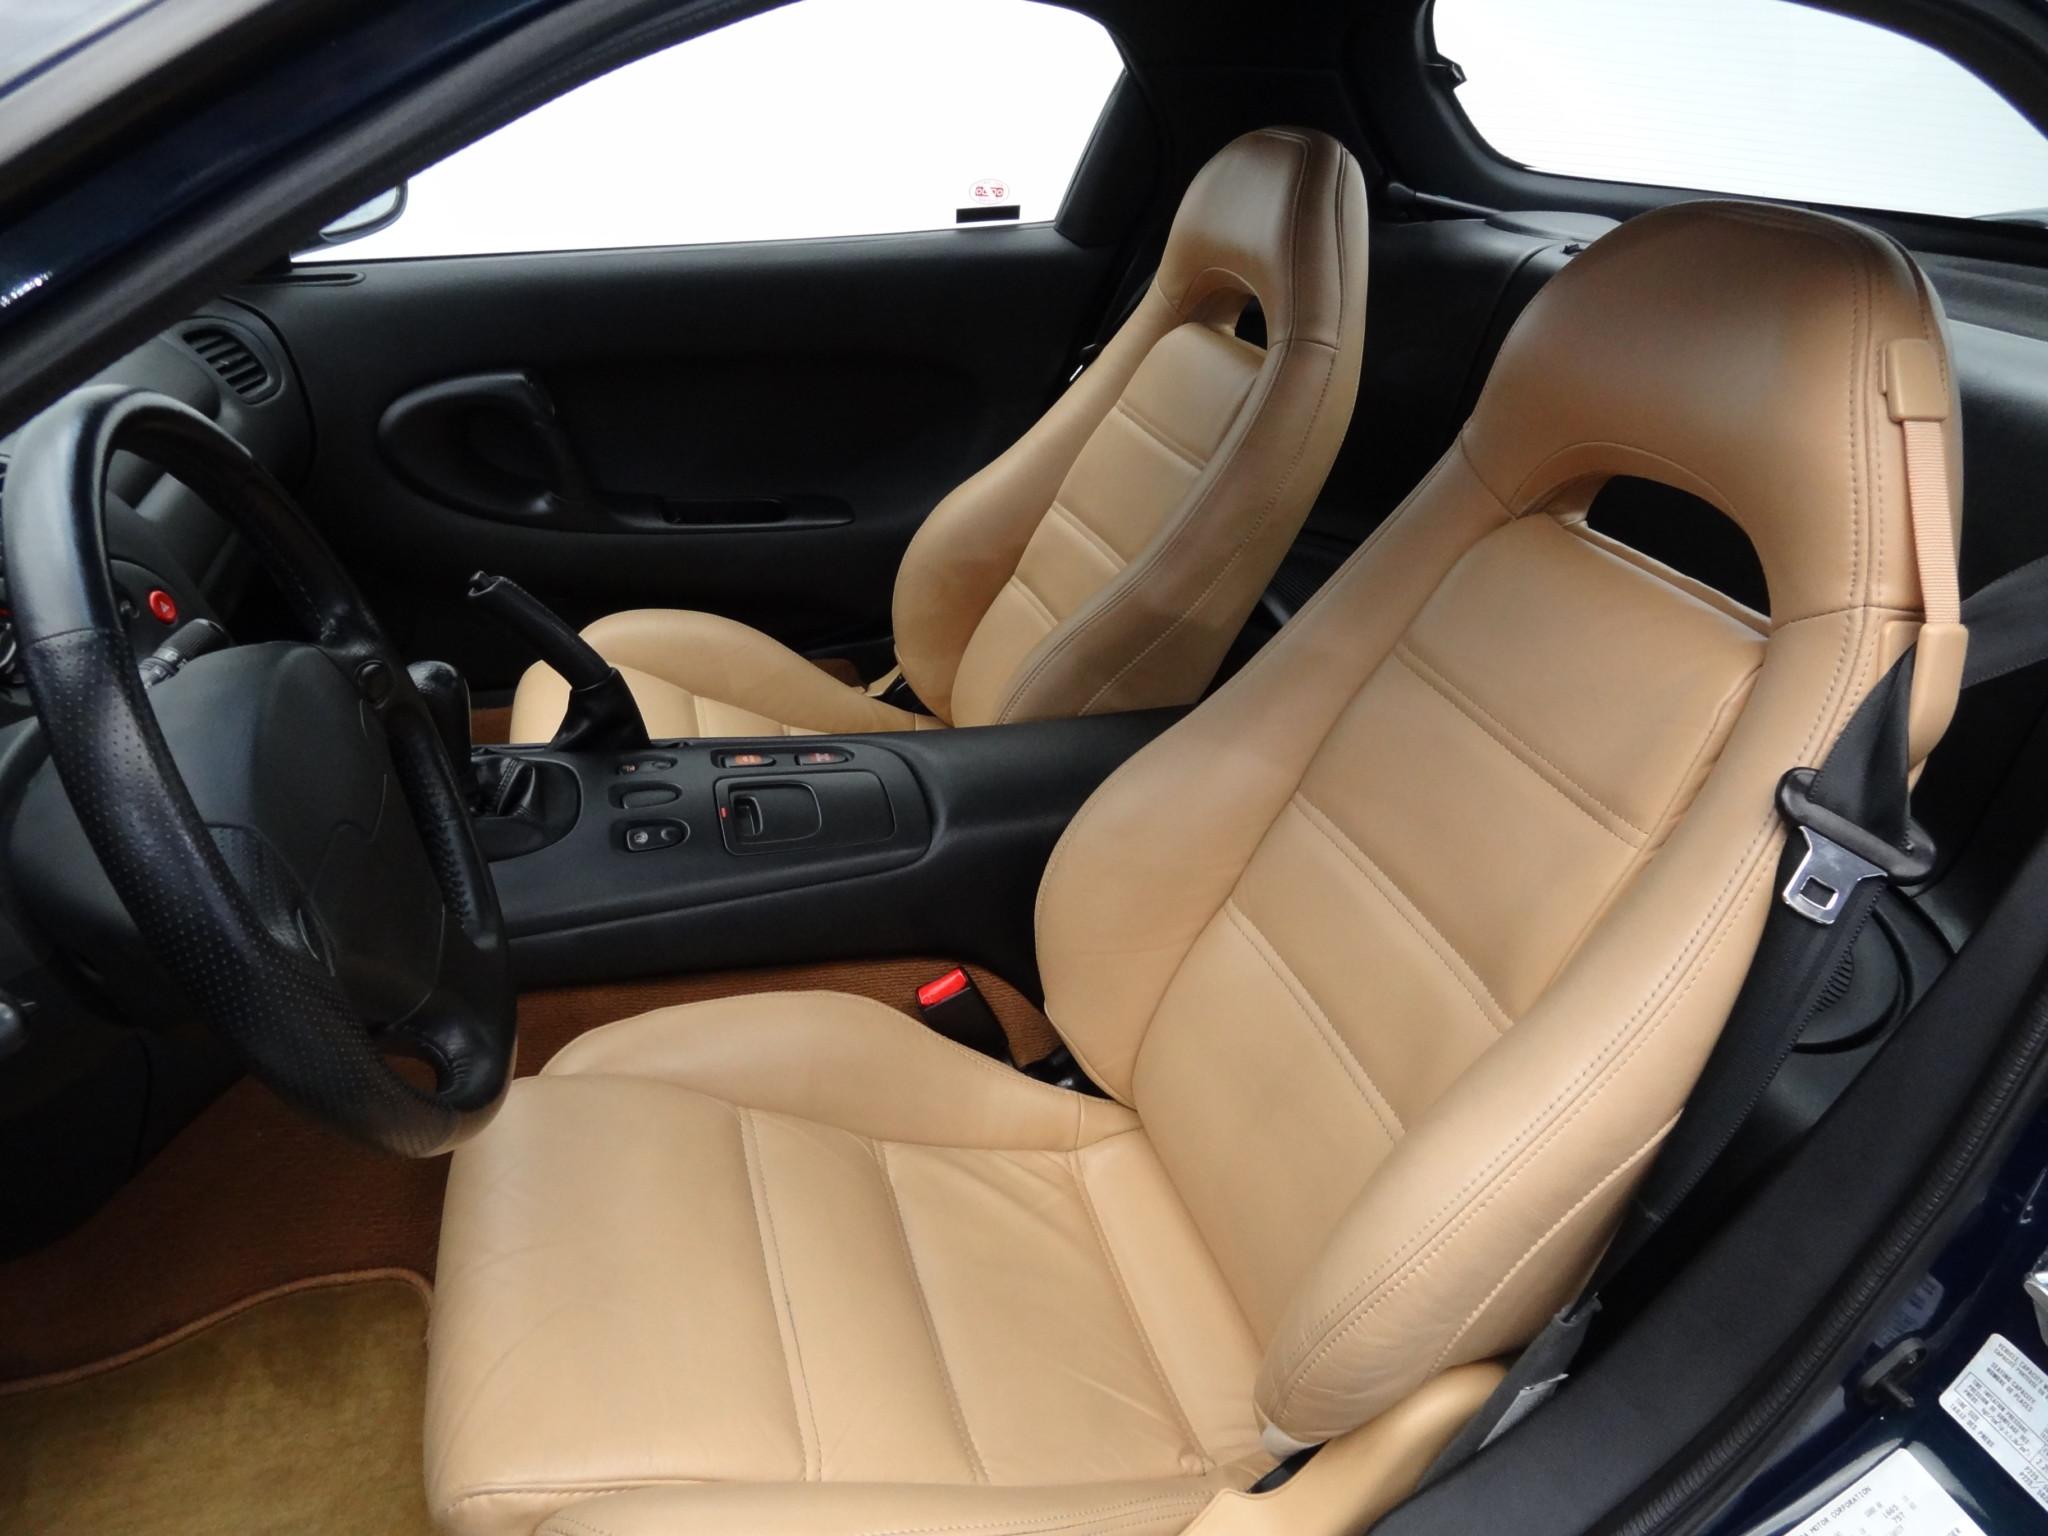 1994 Mazda RX-7 interior driver